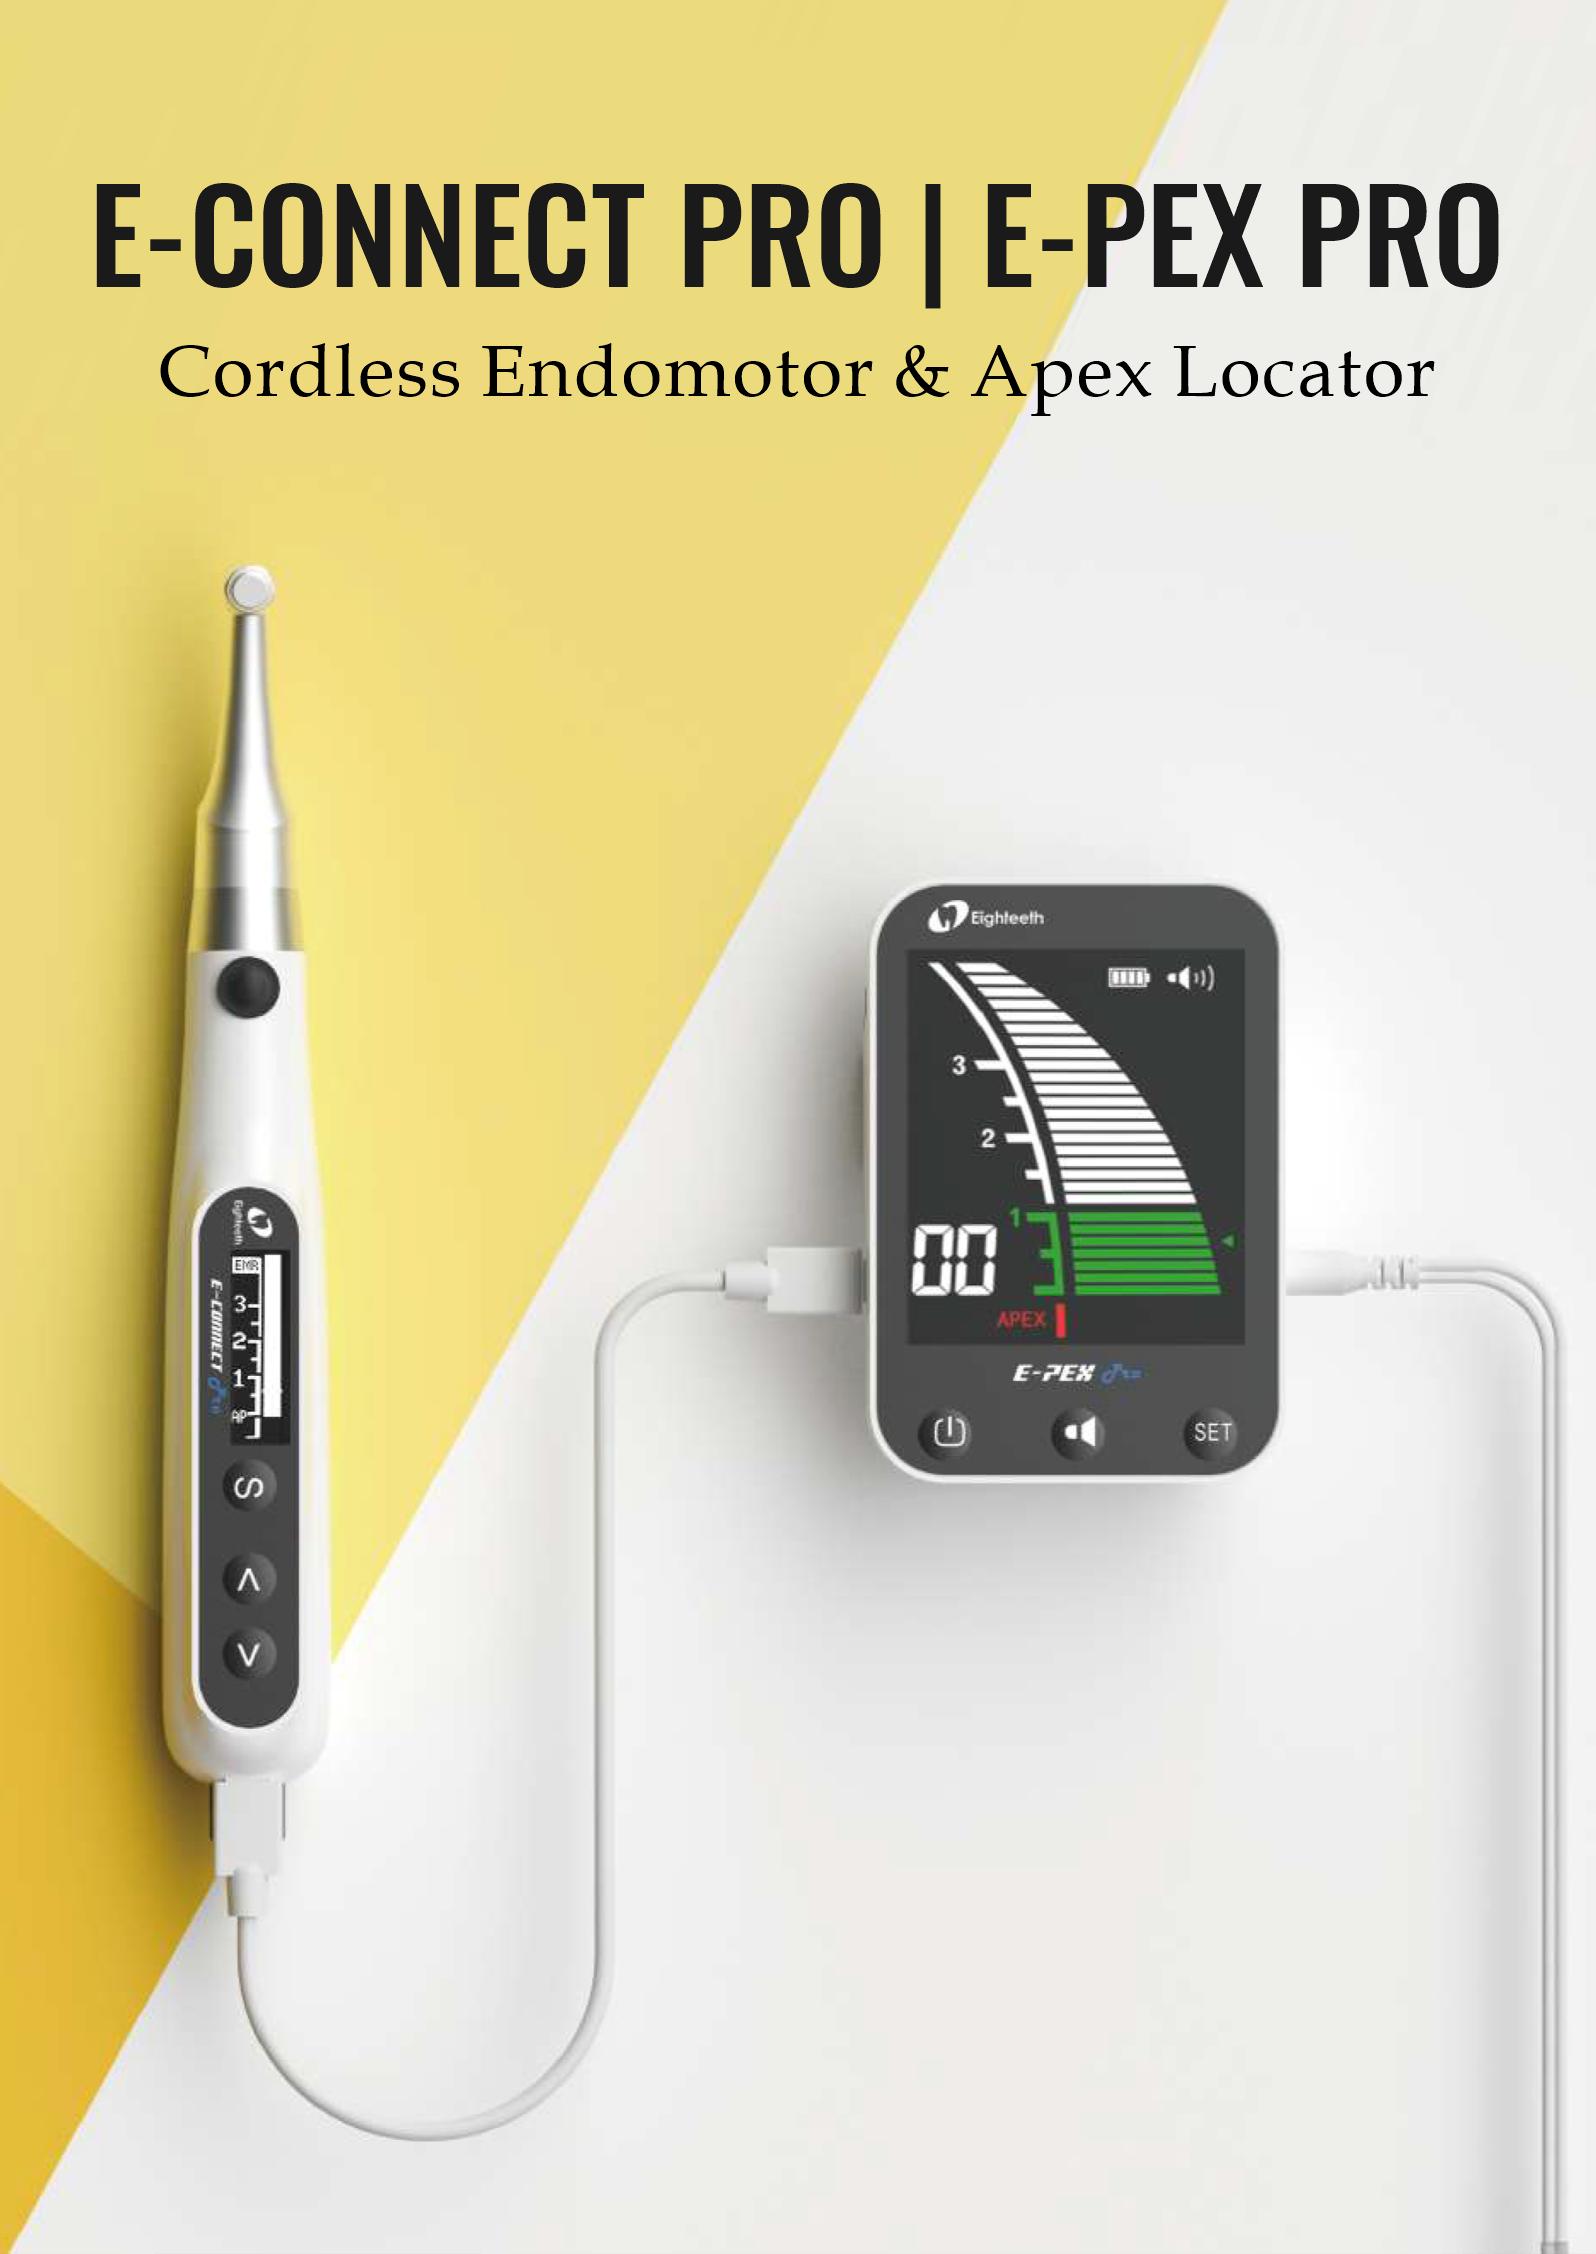 E-connect Pro & E-pex Pro- cordless endomotor and apex locator